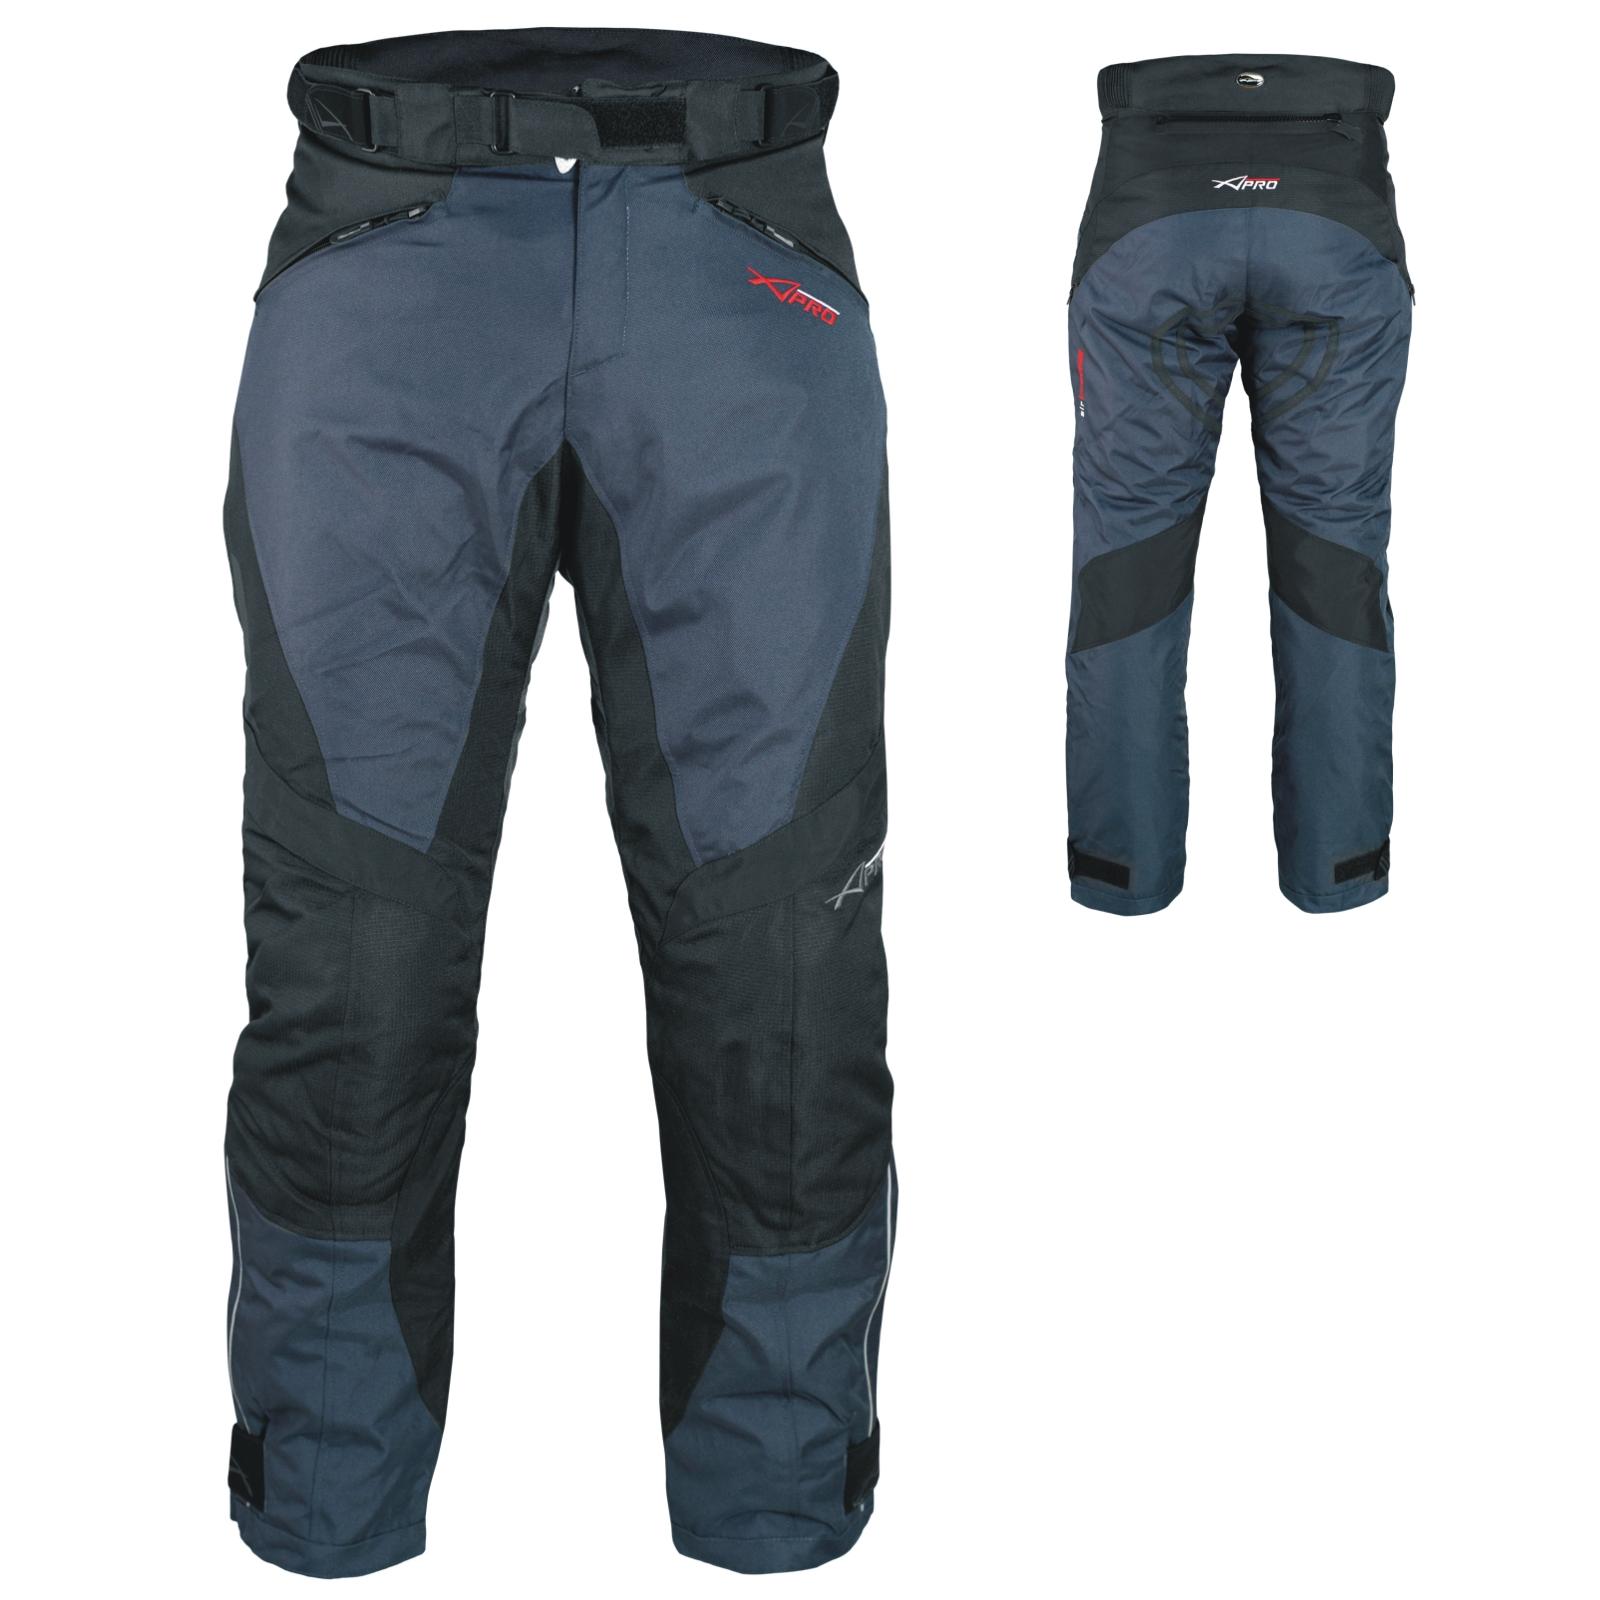 Pantalon-Impermeable-Homme-Protections-CE-Thermique-Motard-Reflechissant-Moto miniature 8